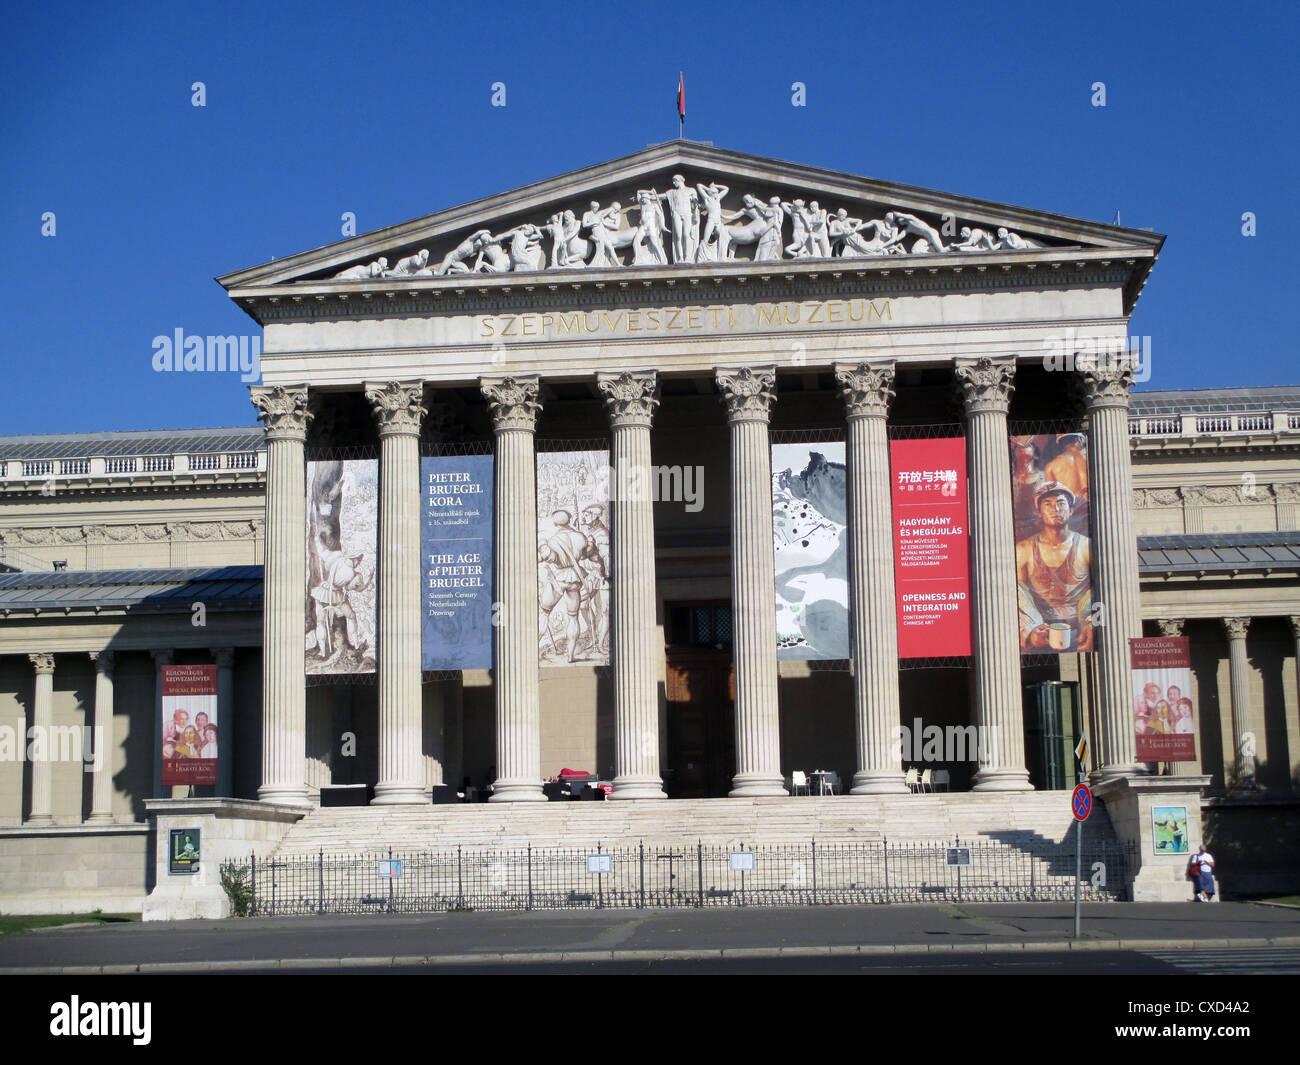 Ungheria - Budapest. Museo delle Belle Arti di Piazza degli Eroi. Foto: Tony Gale Immagini Stock